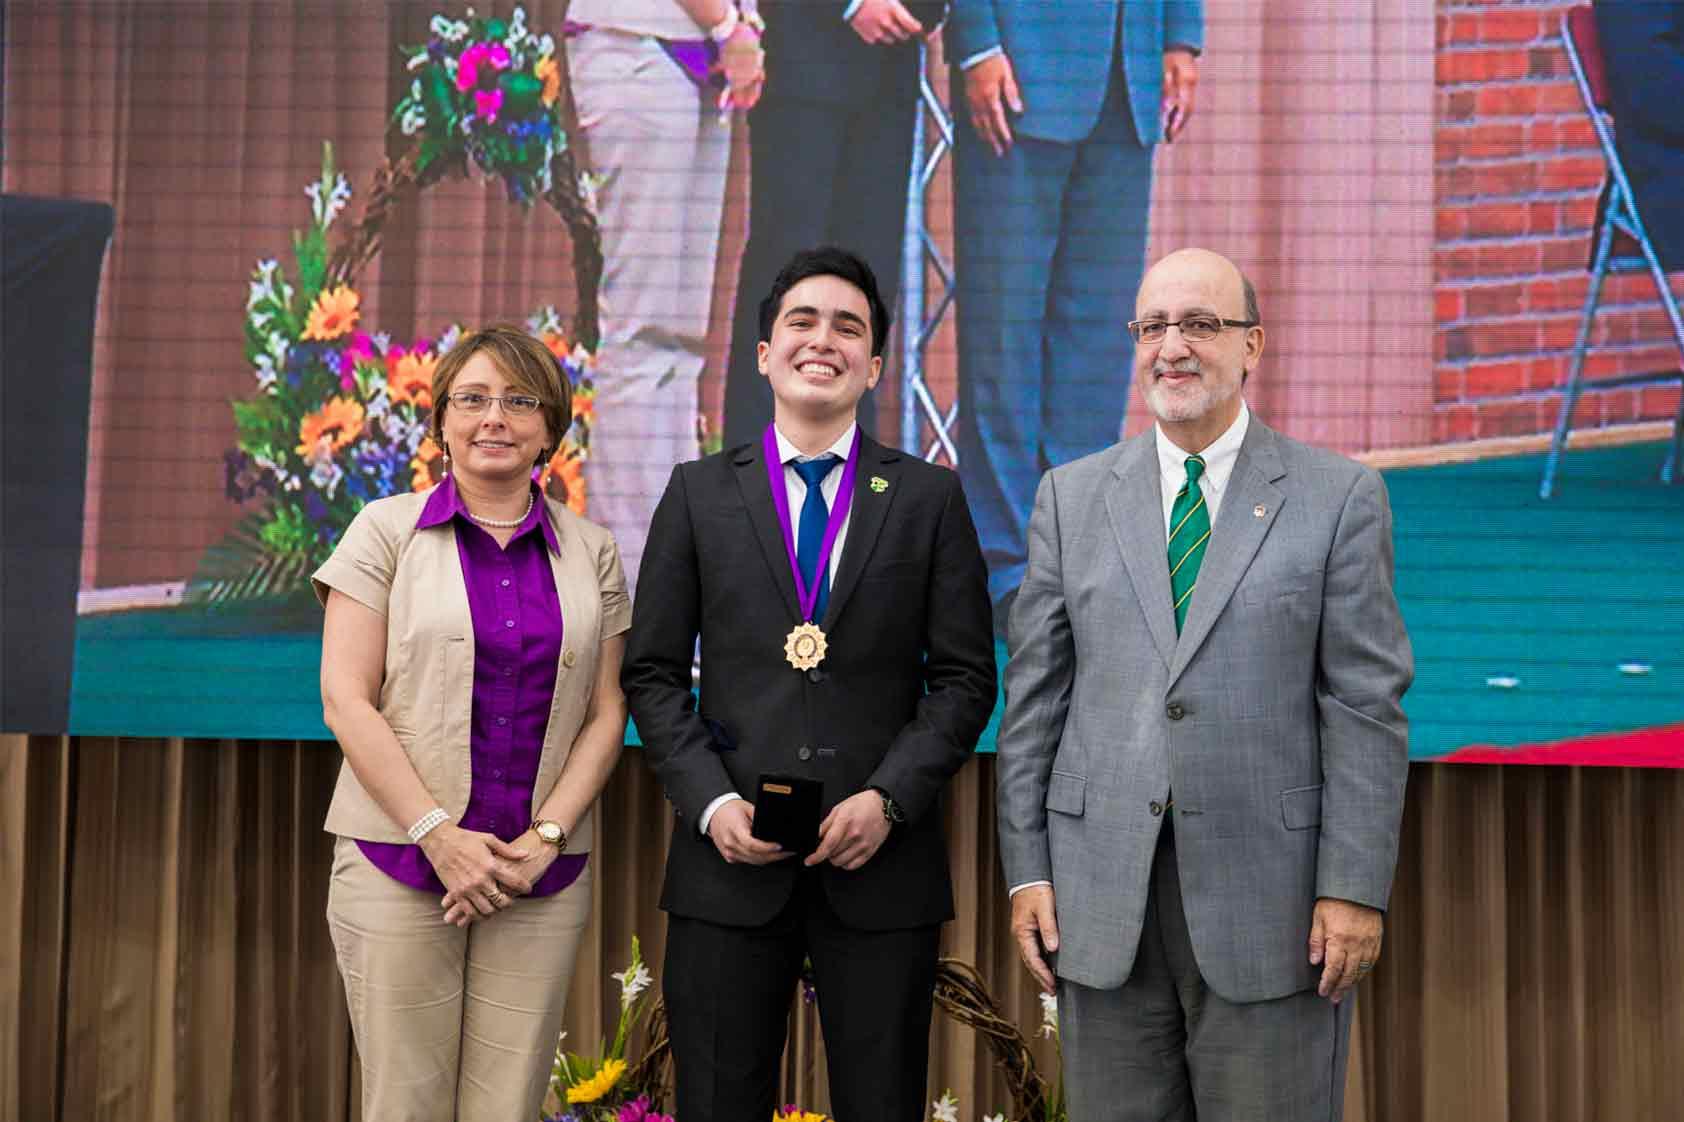 ¿Qué hay detrás de la medalla Francisco Nieves Calvo 2019?